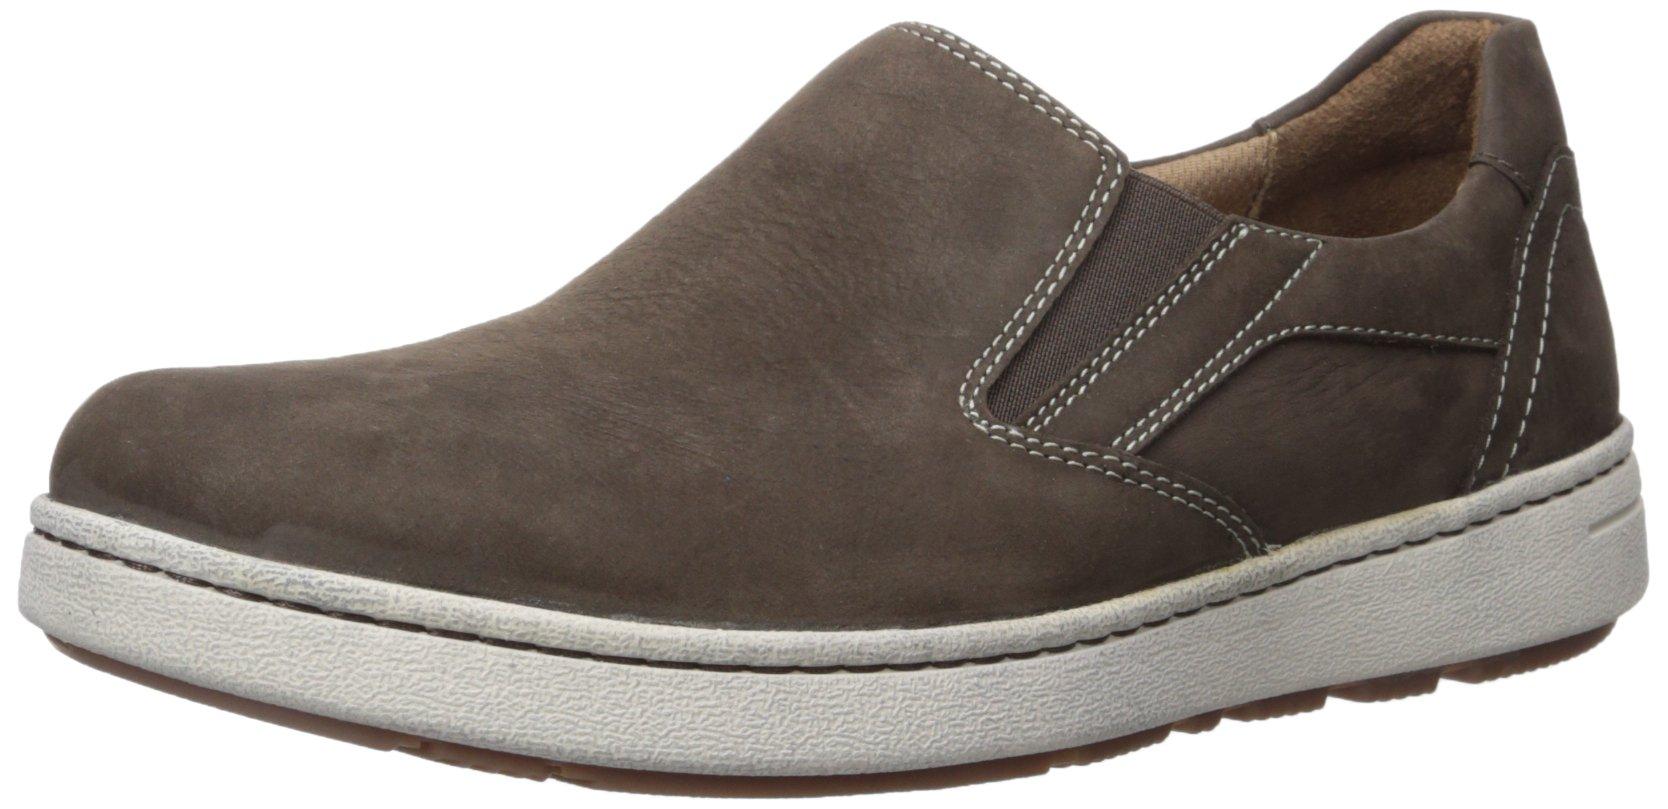 Dansko Men's Viktor Fashion Sneaker, Brown Milled Nubuck, 43 (US Men's 9.5-10) Regular